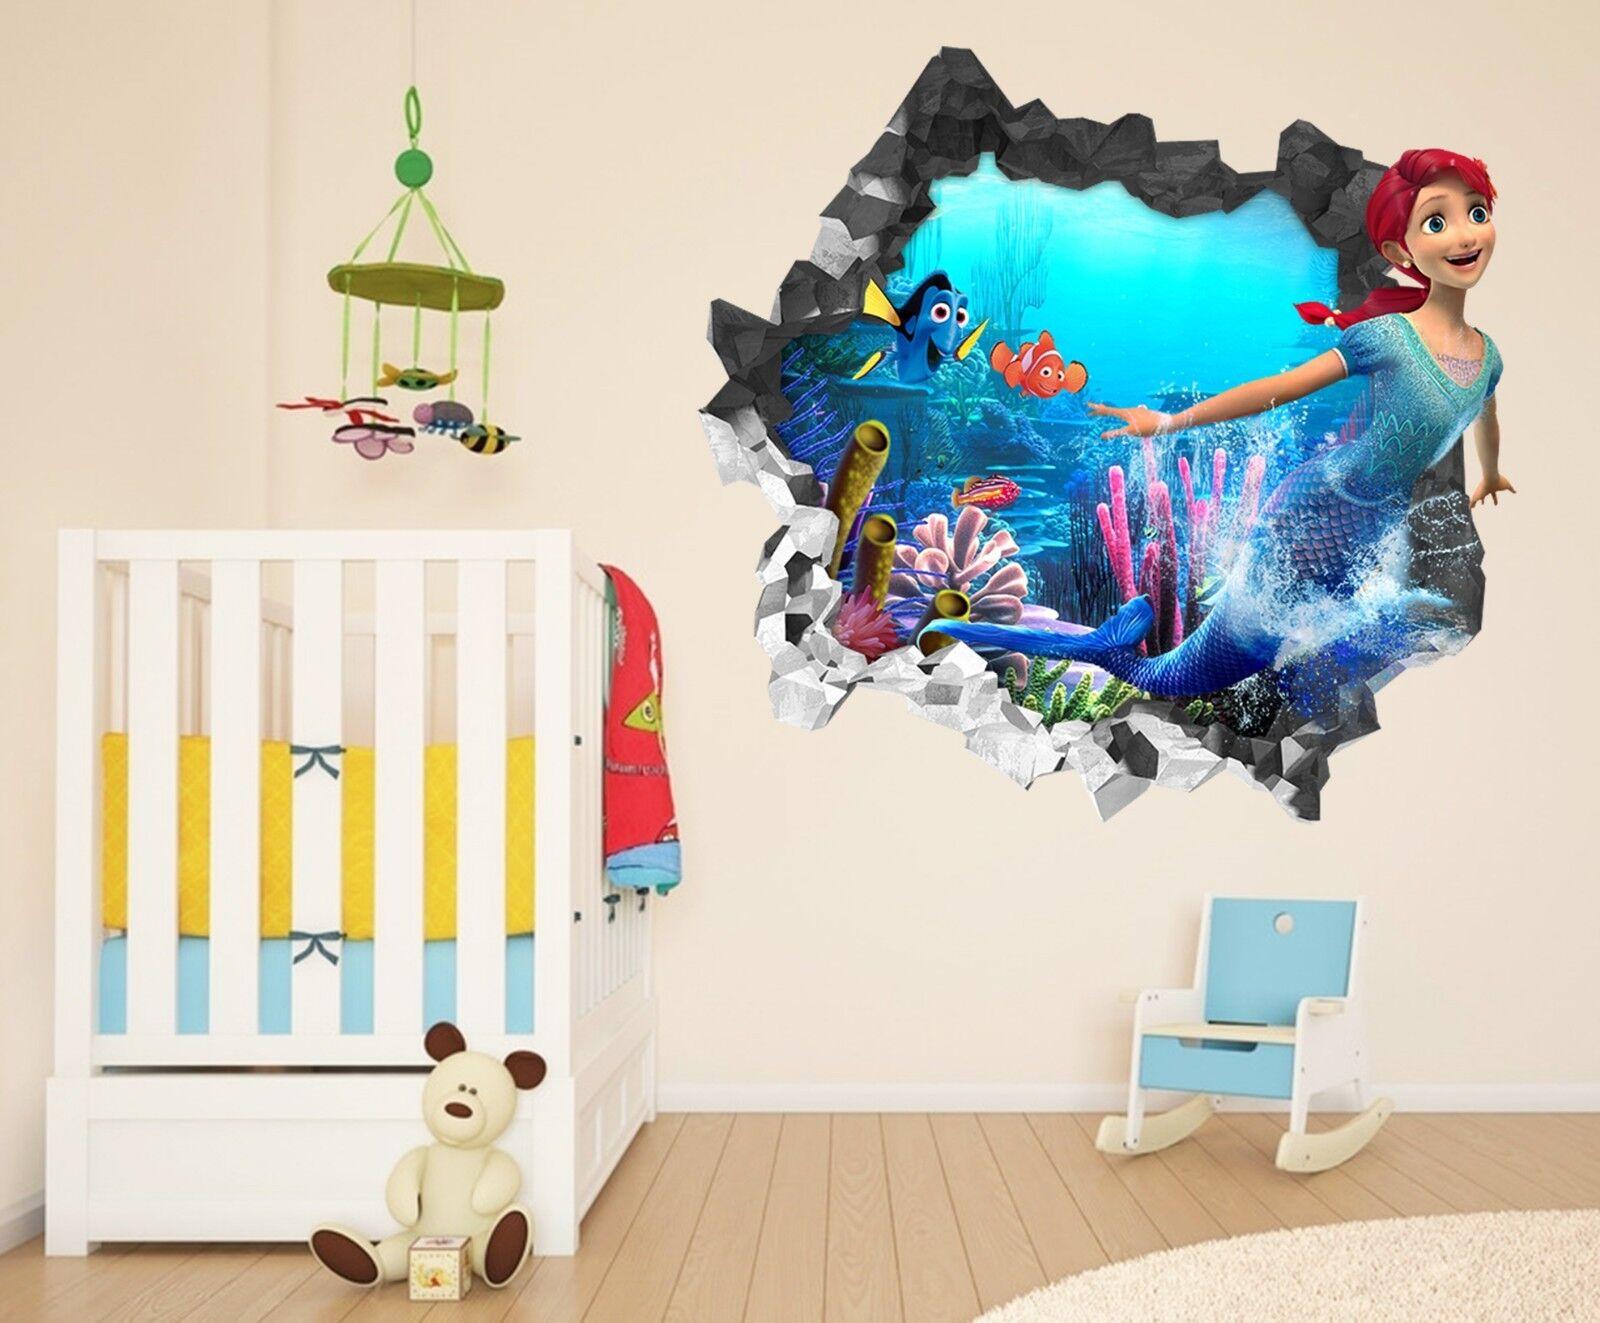 3D Meerjungfrau 238 Mauer Murals Mauer Aufklebe Decal Durchbruch AJ WALLPAPER DE